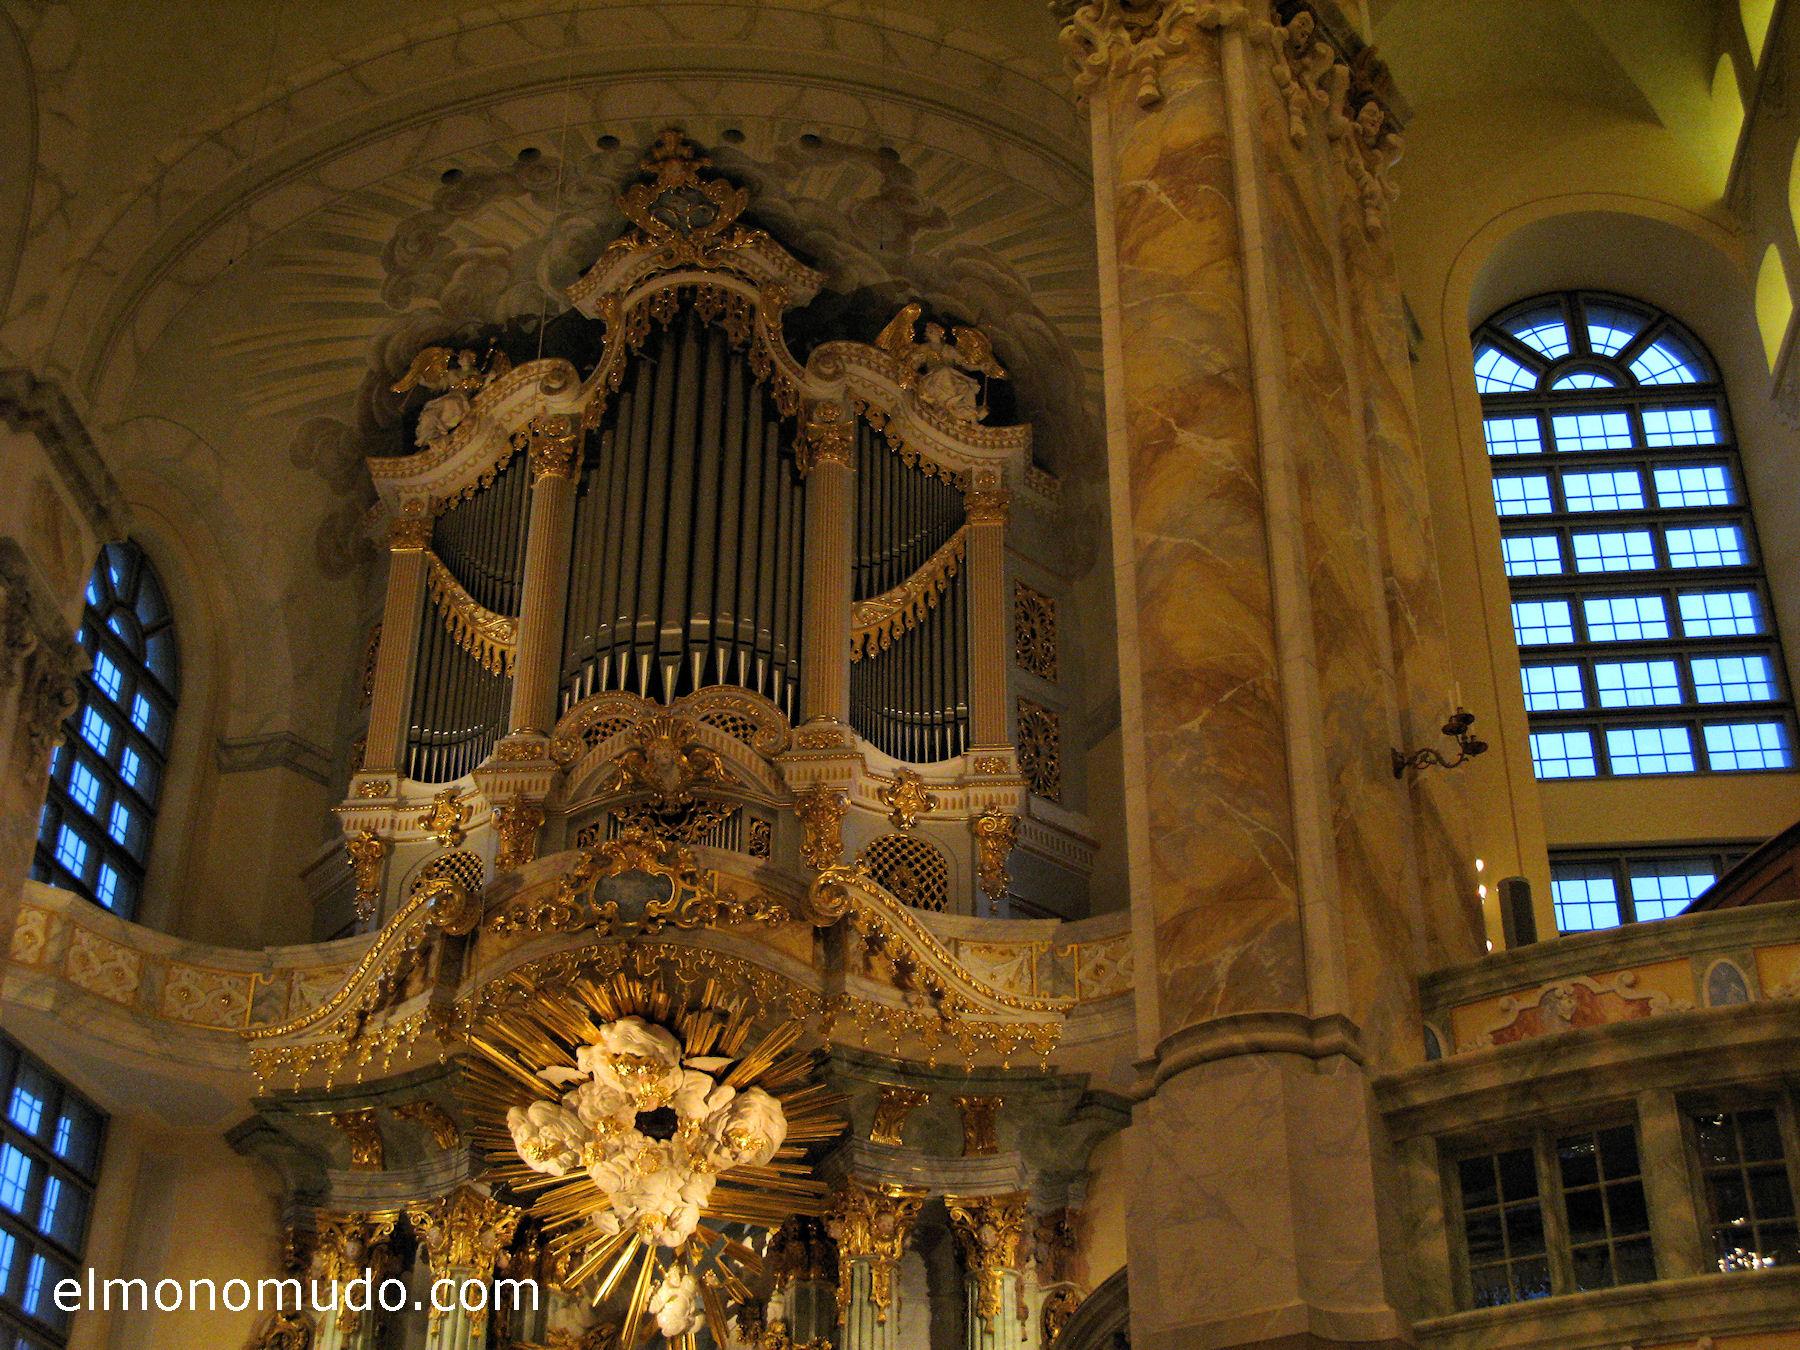 frauenkirche-interior-retablo-columnas-superior-derecha